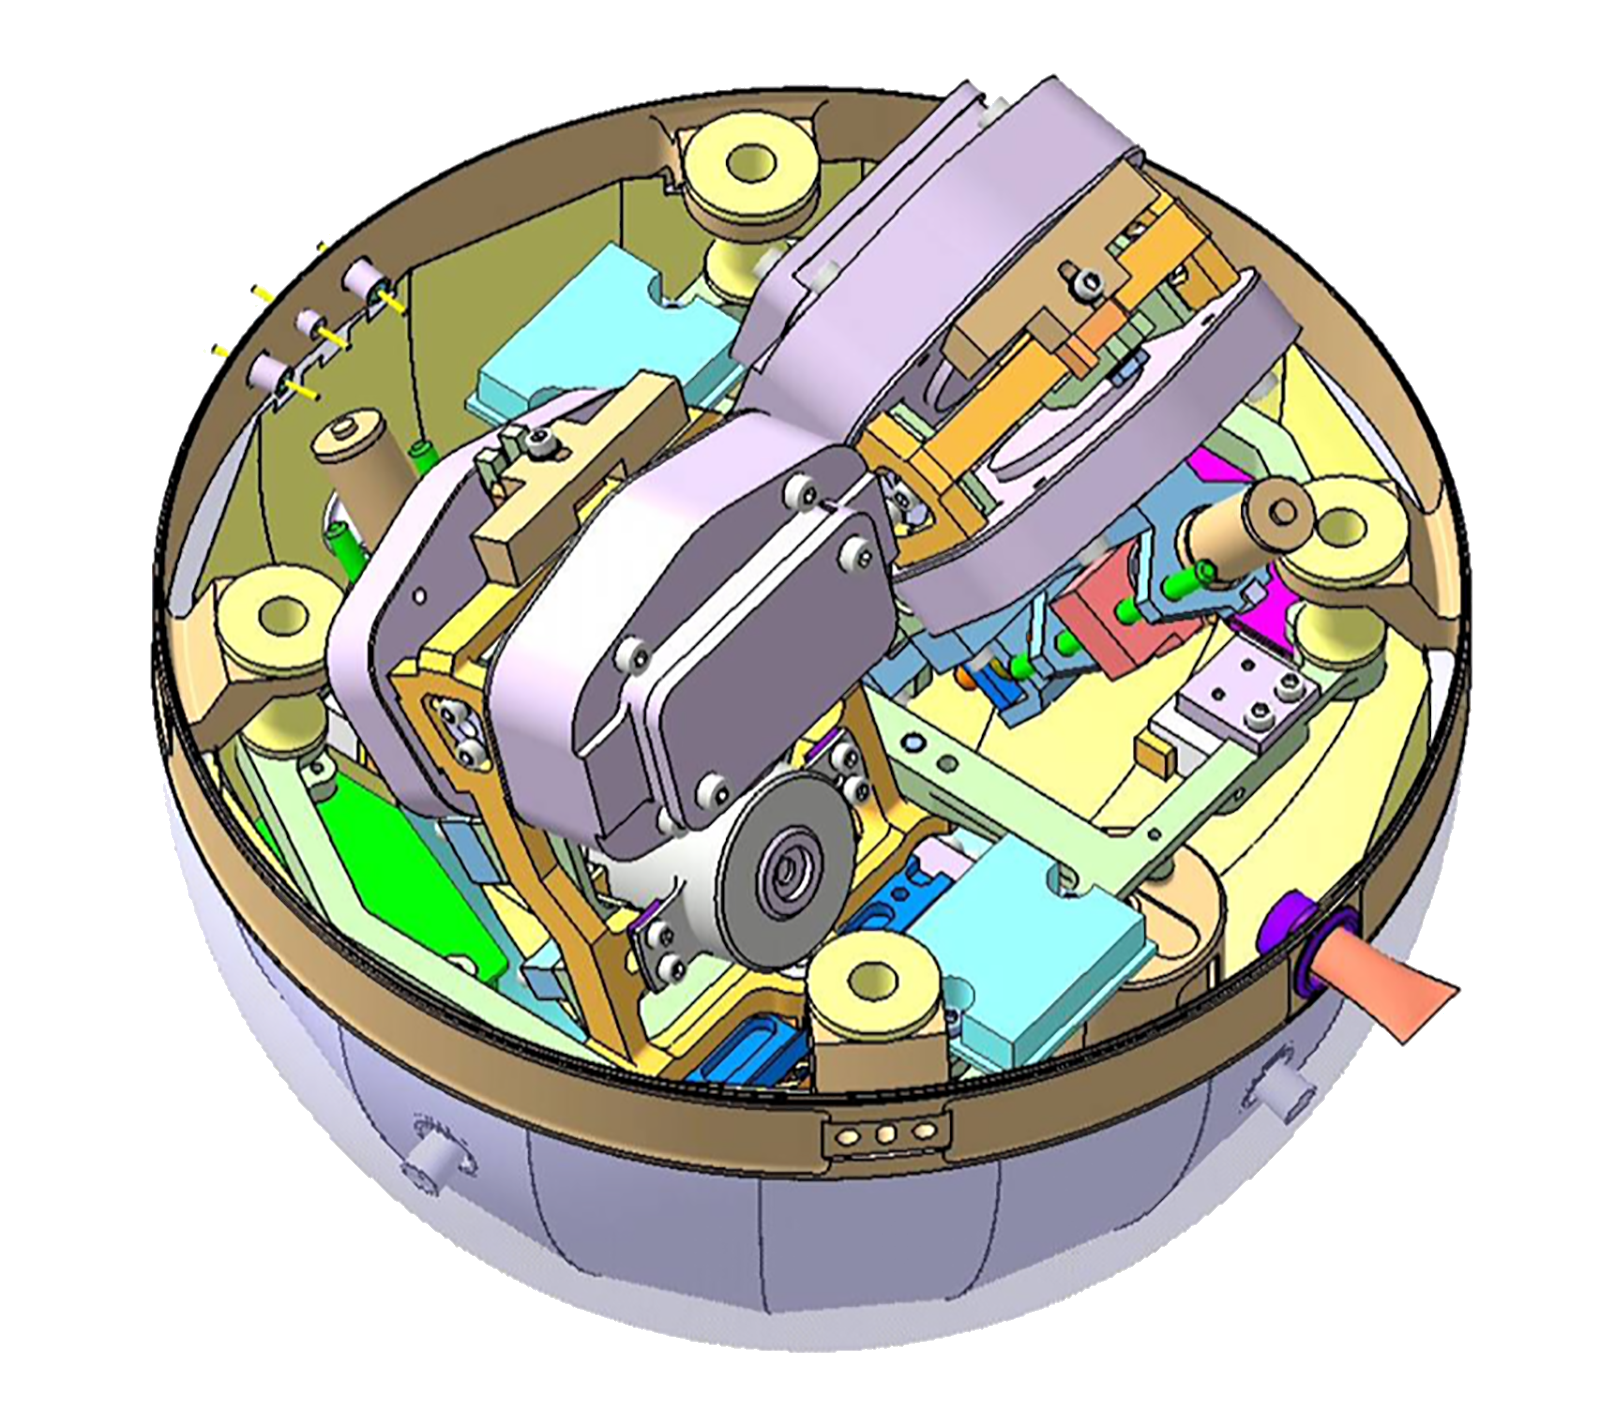 NETLANDER-Sphere-with-2-Very-Broadband-Seismometers